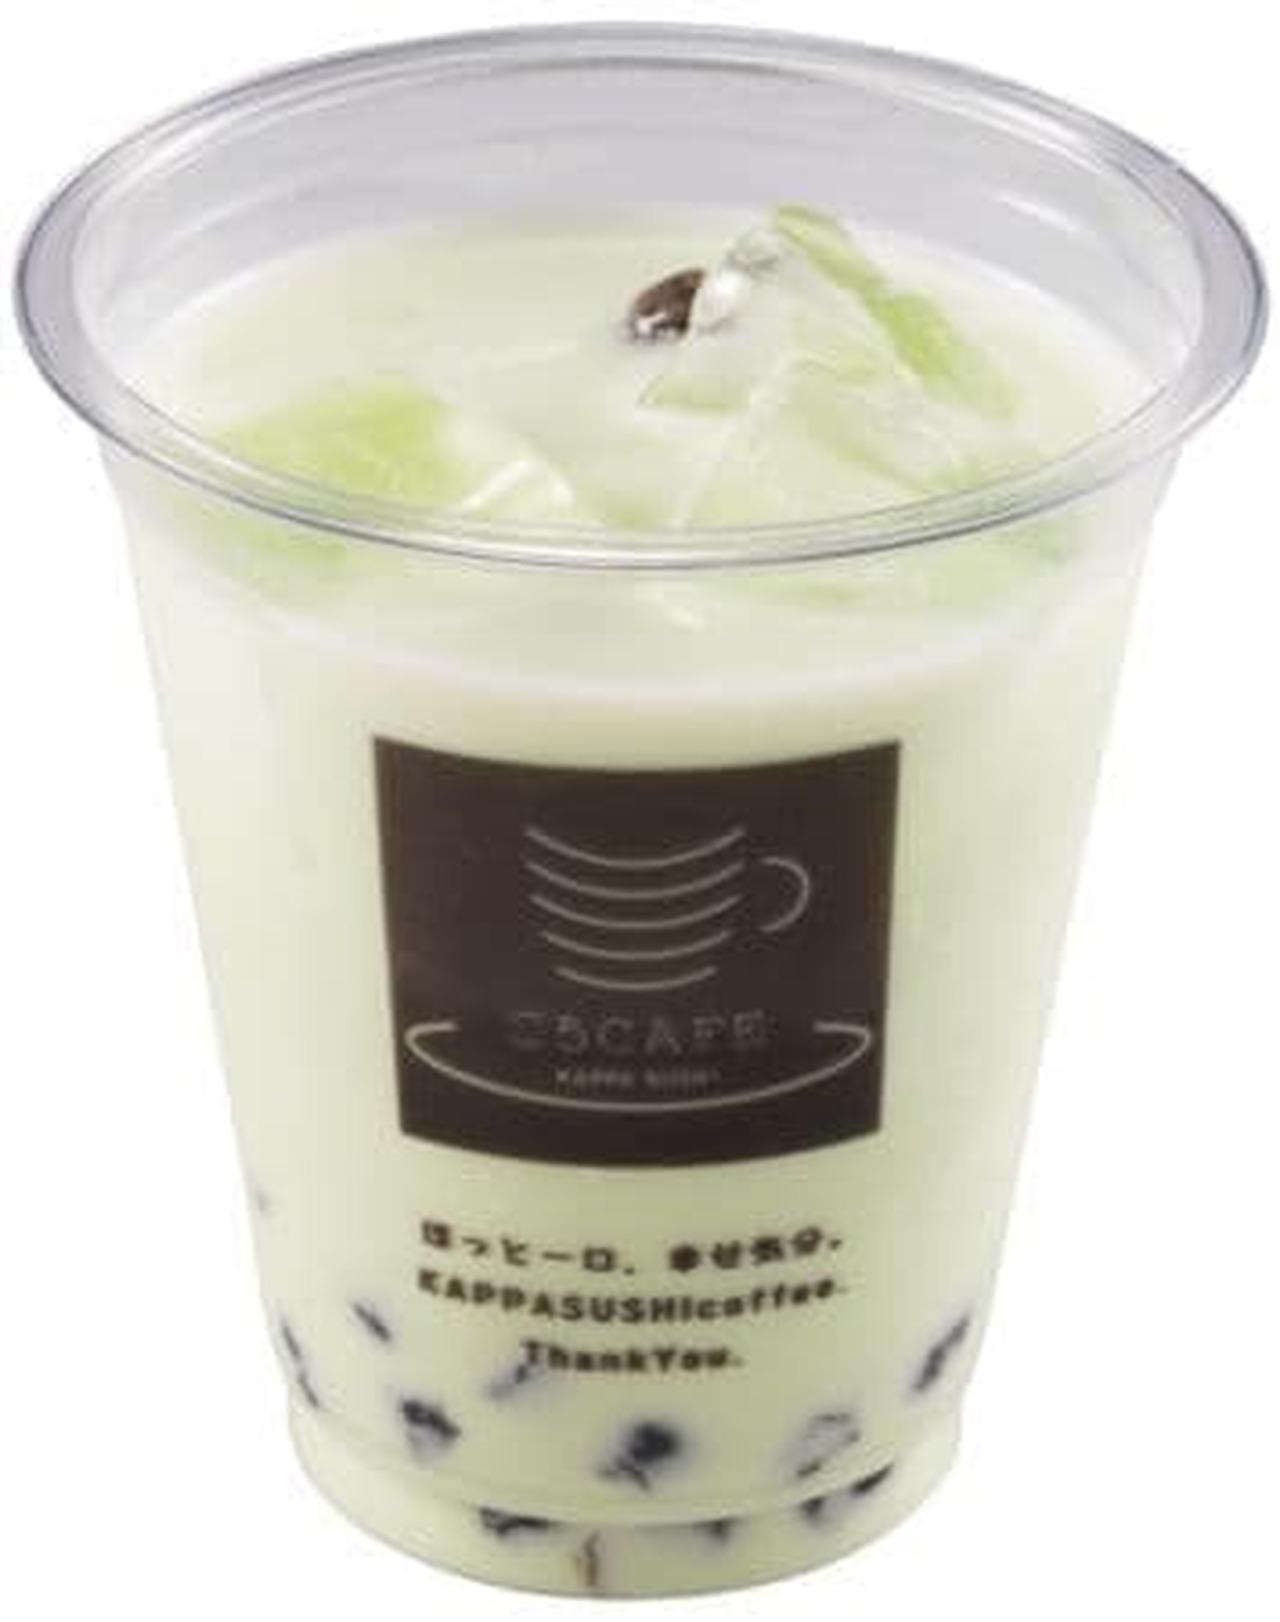 かっぱ寿司「メロンオレのタピオカドリンク 北海道産メロン果汁使用」